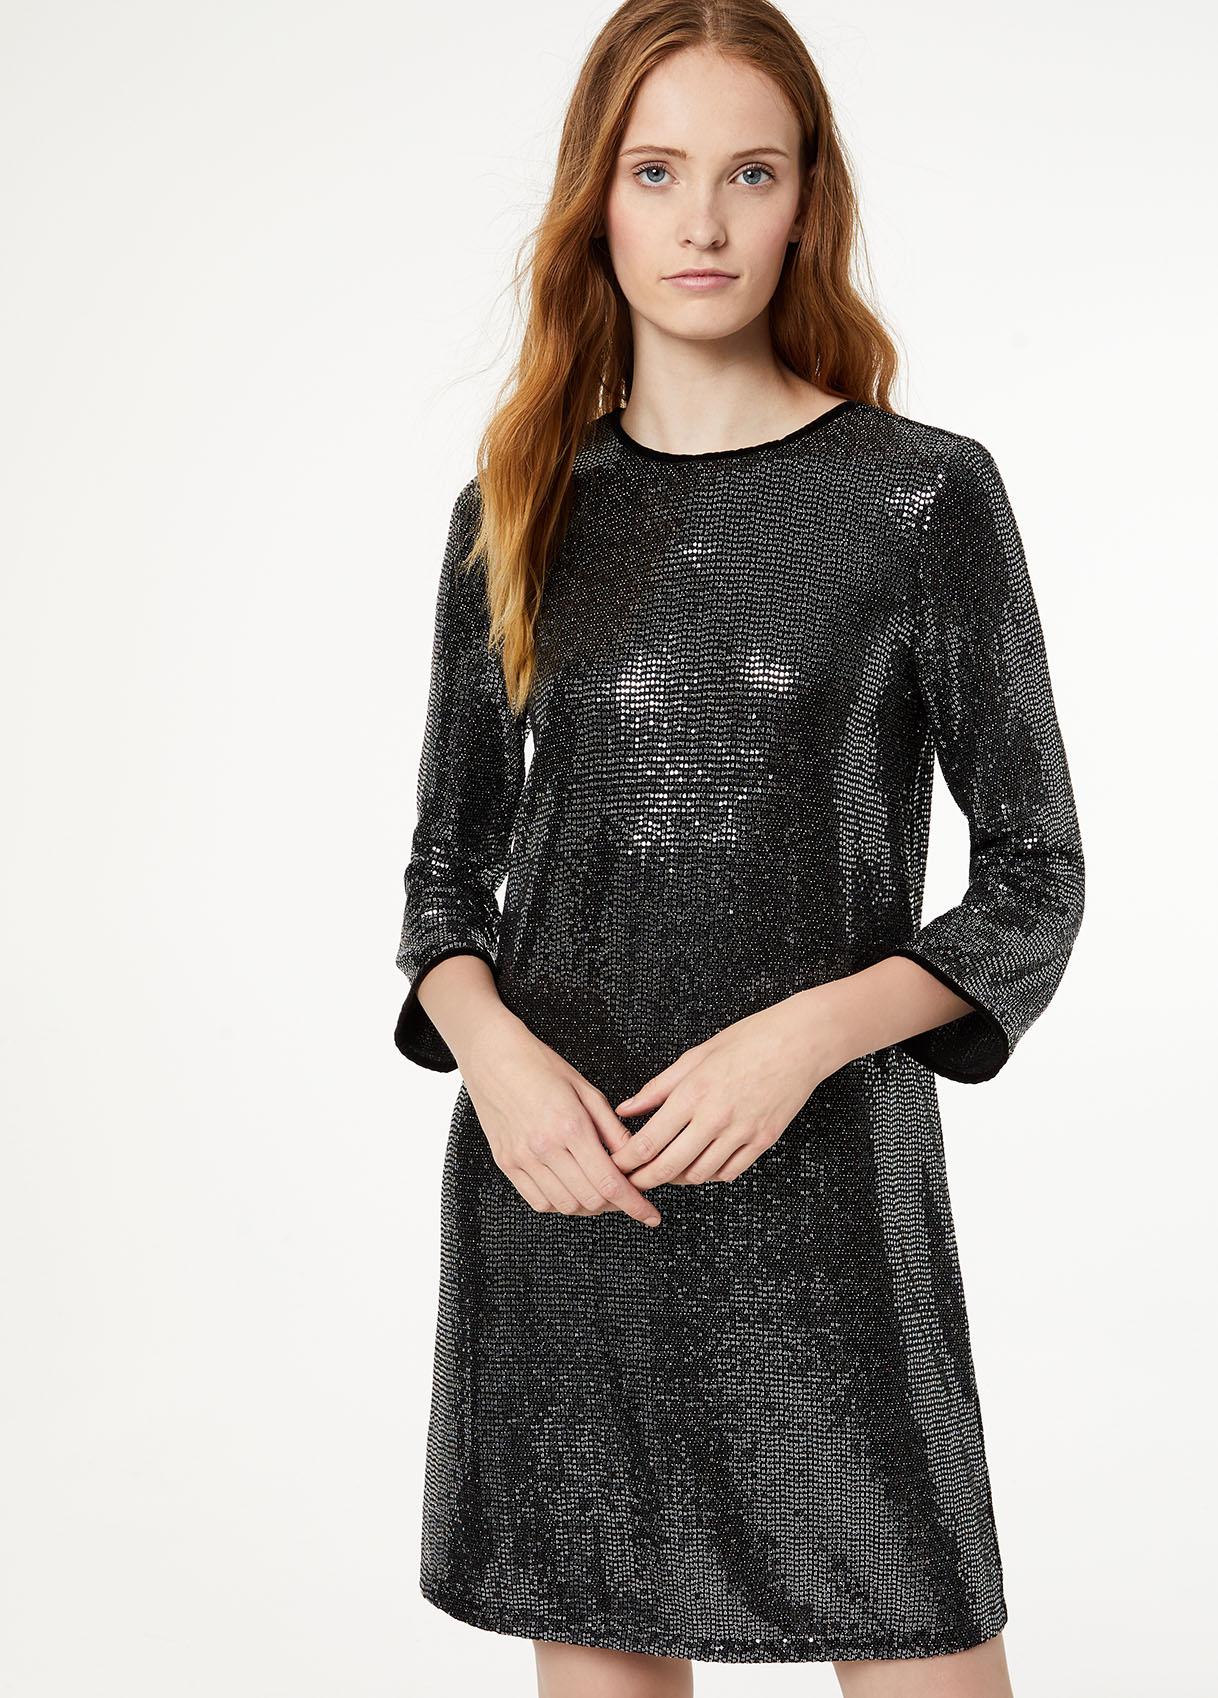 Liu JO-Dresses-Shortdresses-F69234J584209828